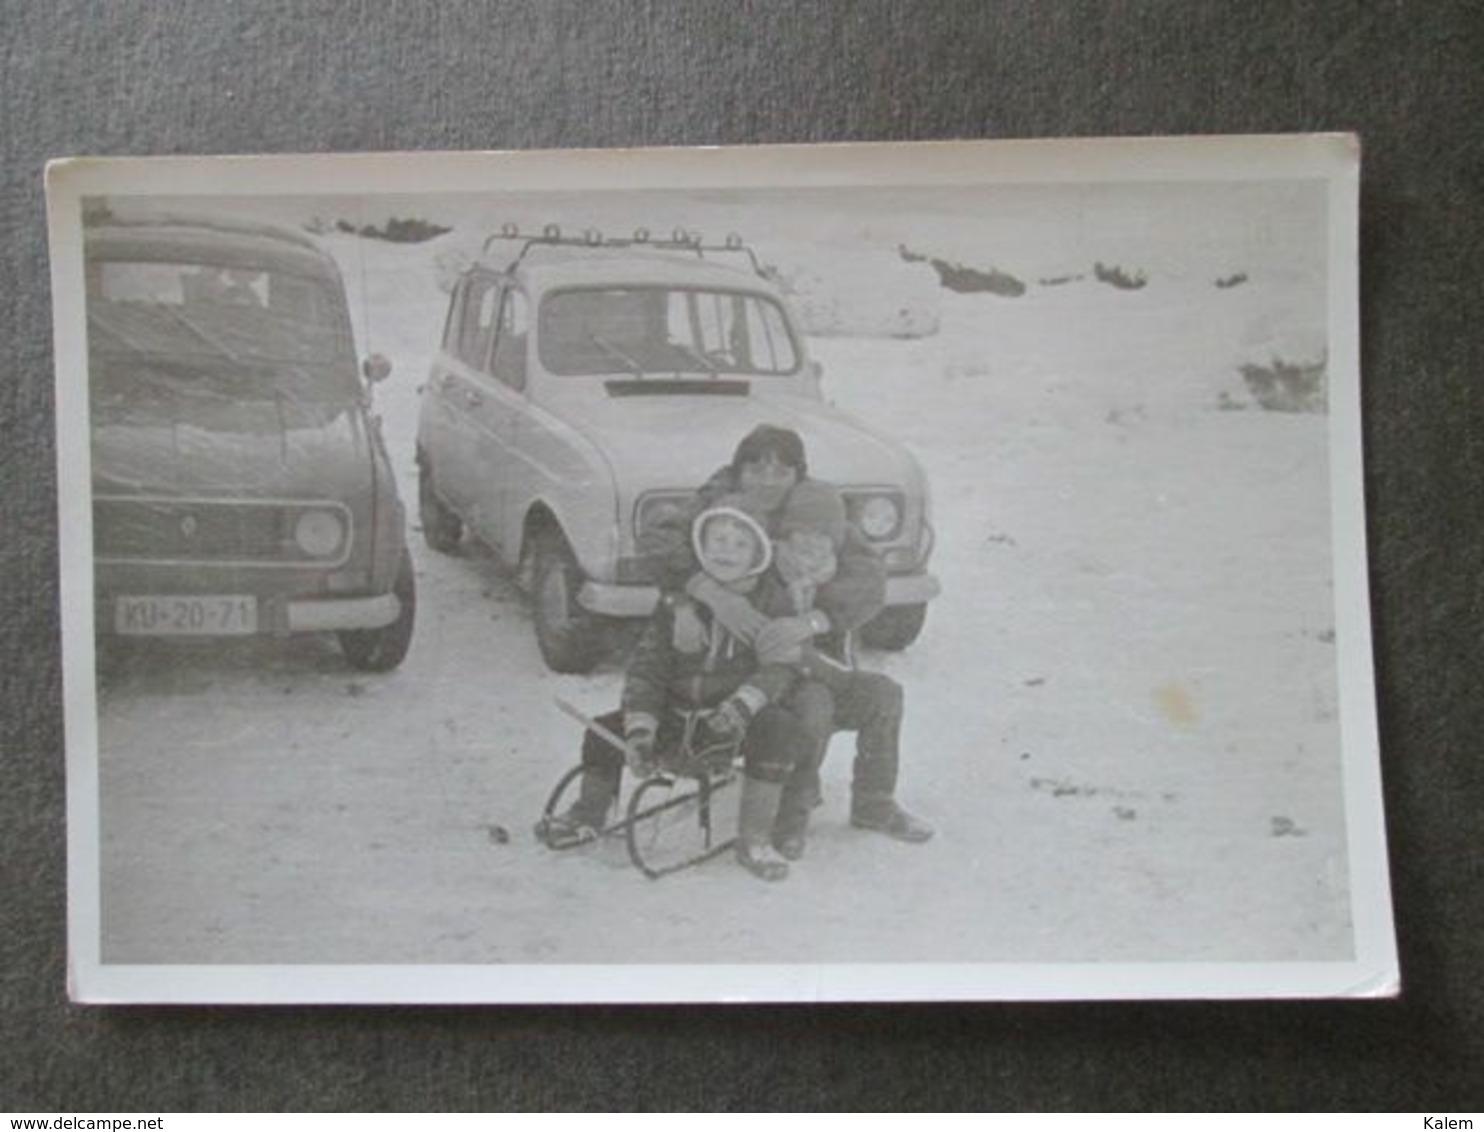 WOMAN AND KIDS WITH RENAULT CARS, FEMME ET ENFANTS AVEC DES VOITURES RENAULT, ORIGINAL PHOTO - Personnes Anonymes